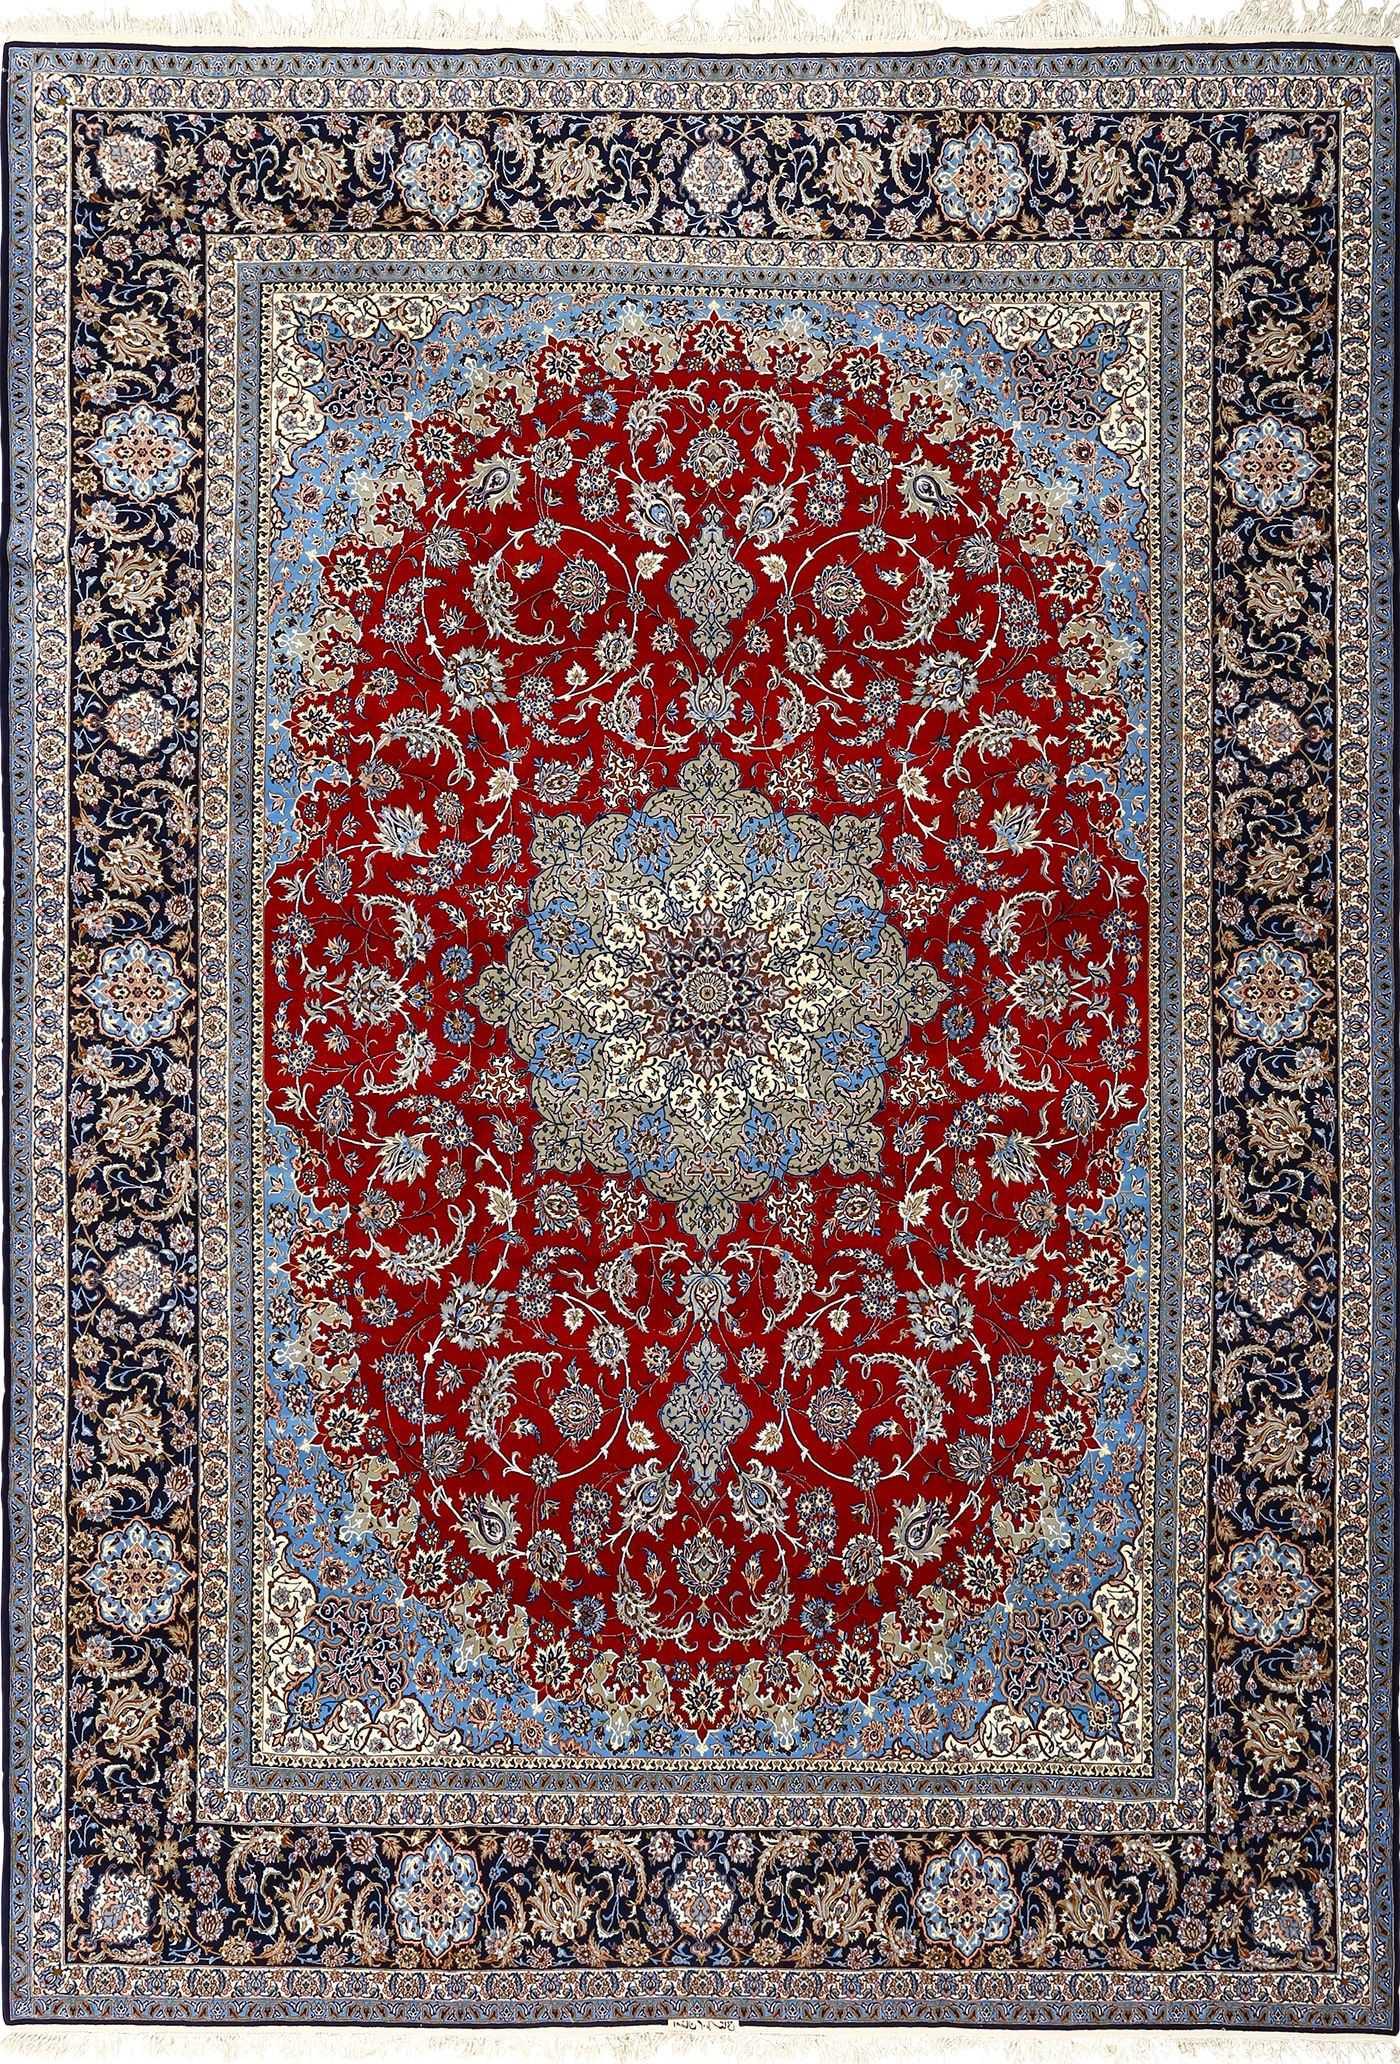 Beautiful Vintage Isfahan Persian Rug 51090 By Nazmiyal